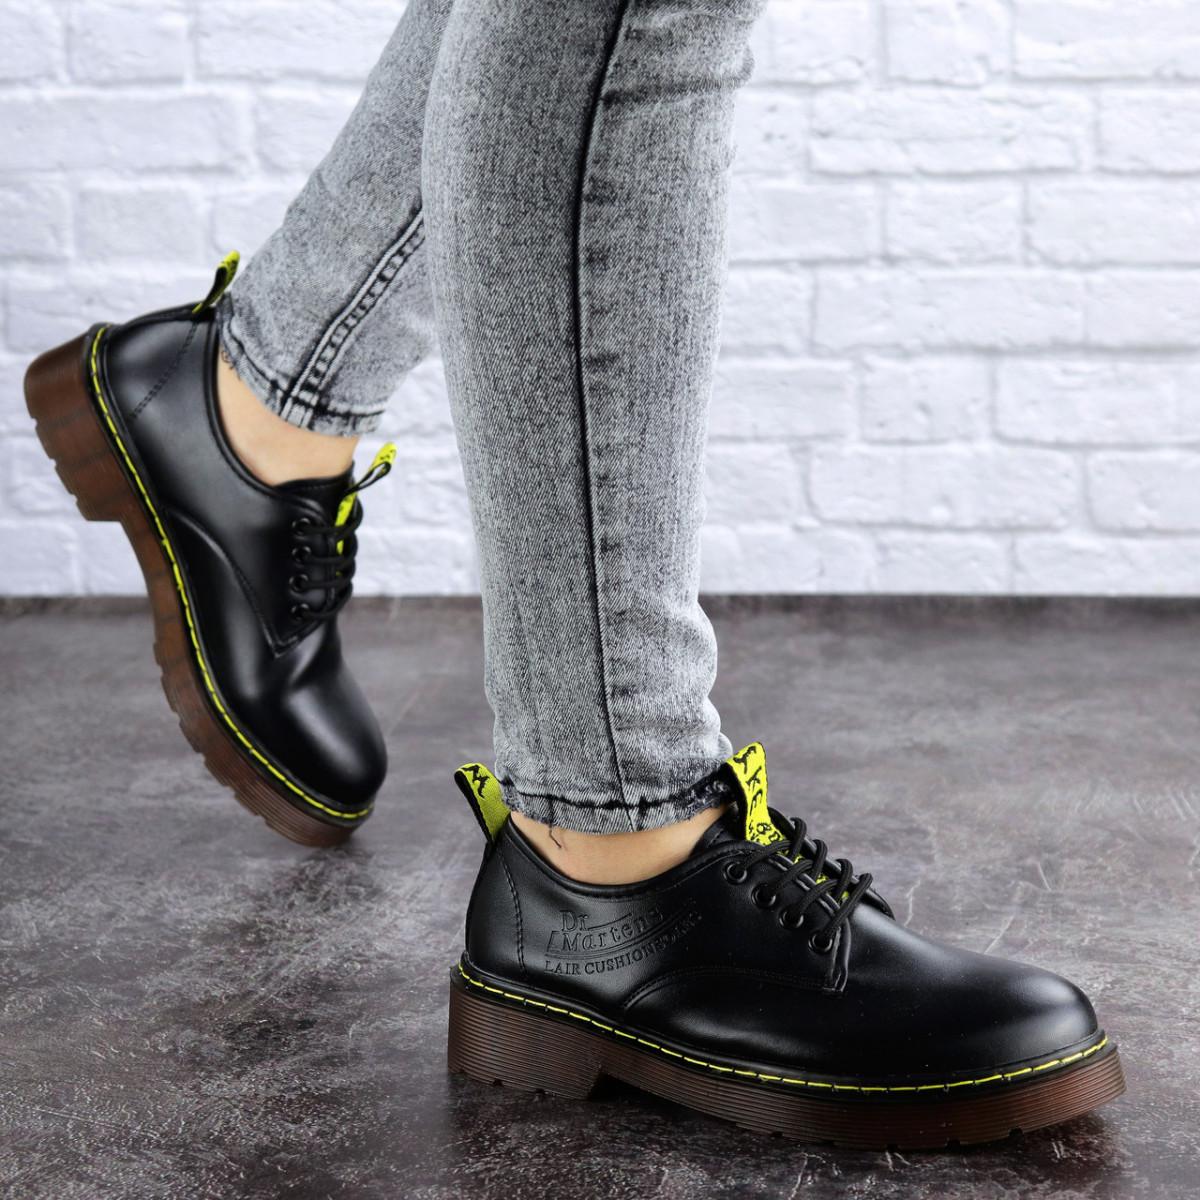 Женские туфли на каблуке черные Ron 1949 (36 размер)